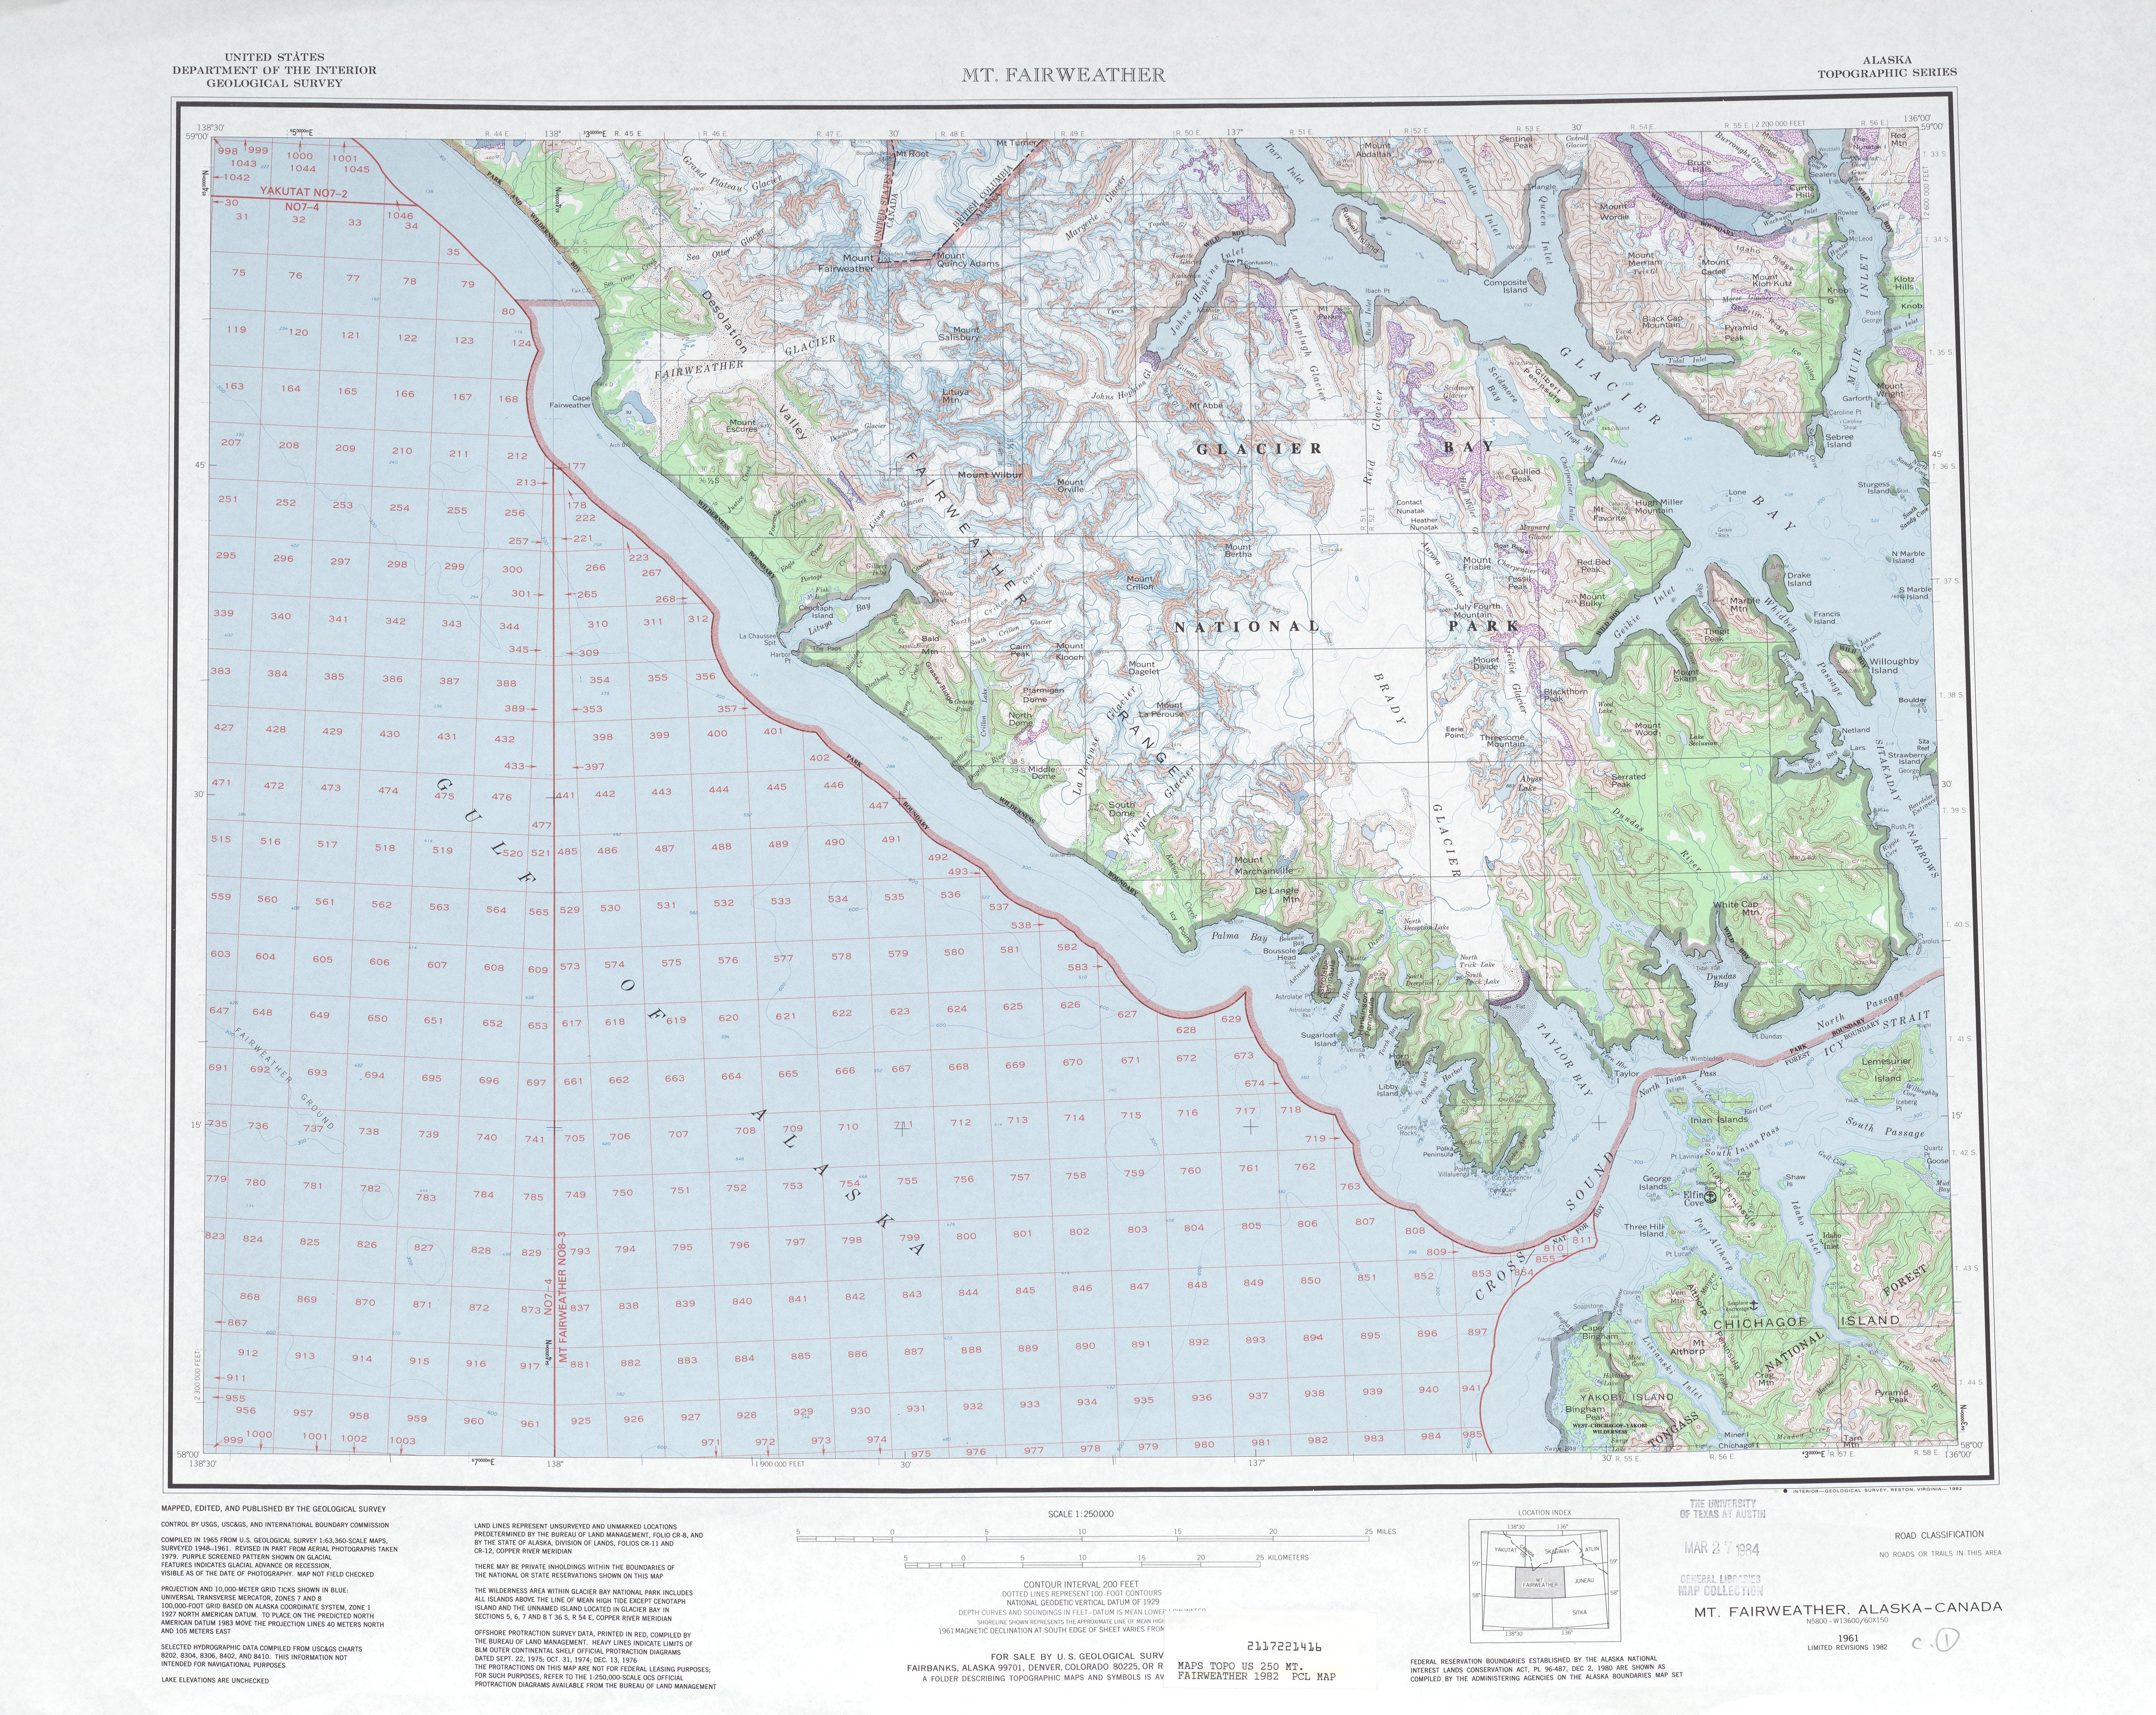 Hoja Mt. Fairweather del Mapa Topográfico de los Estados Unidos 1982